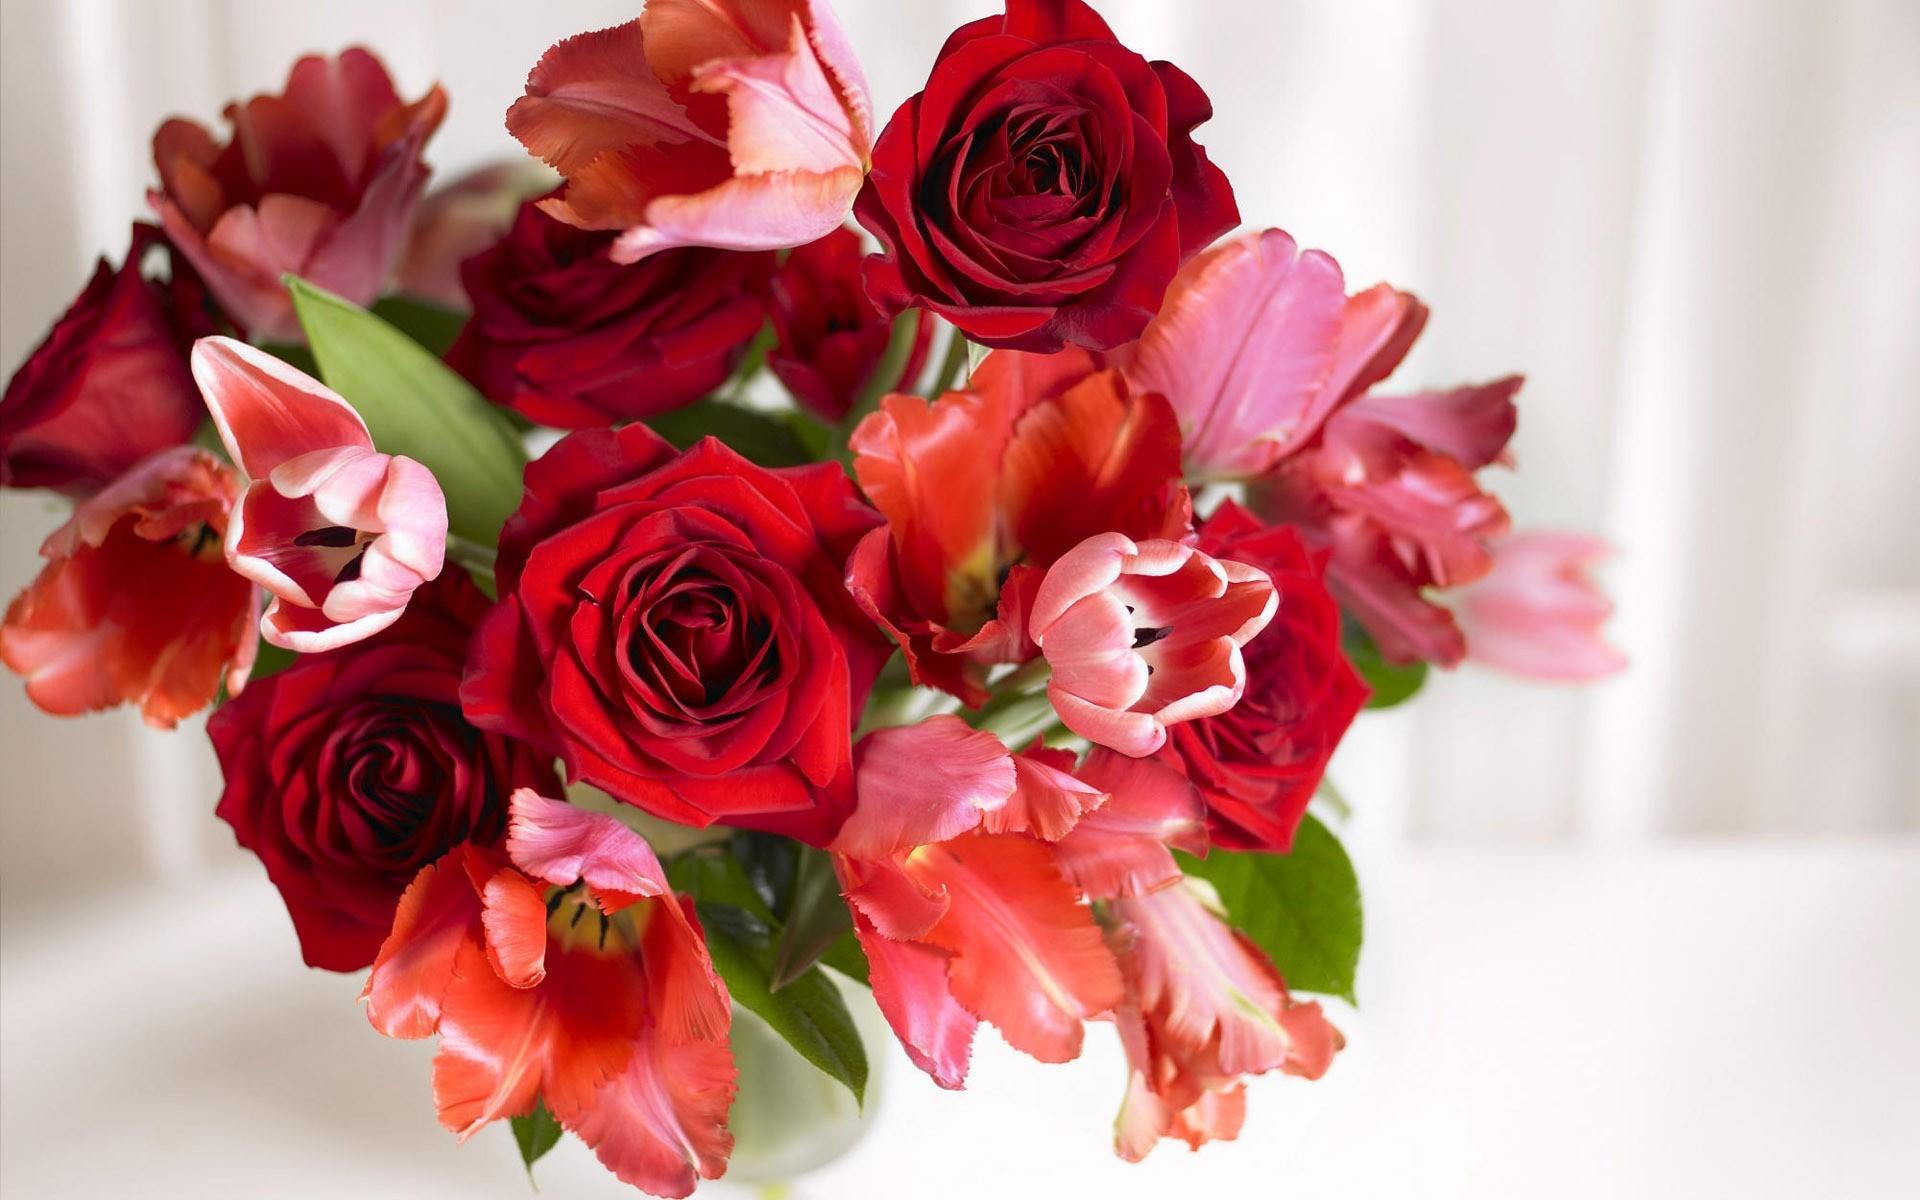 Roses Screensaver Wallpaper 45 Images